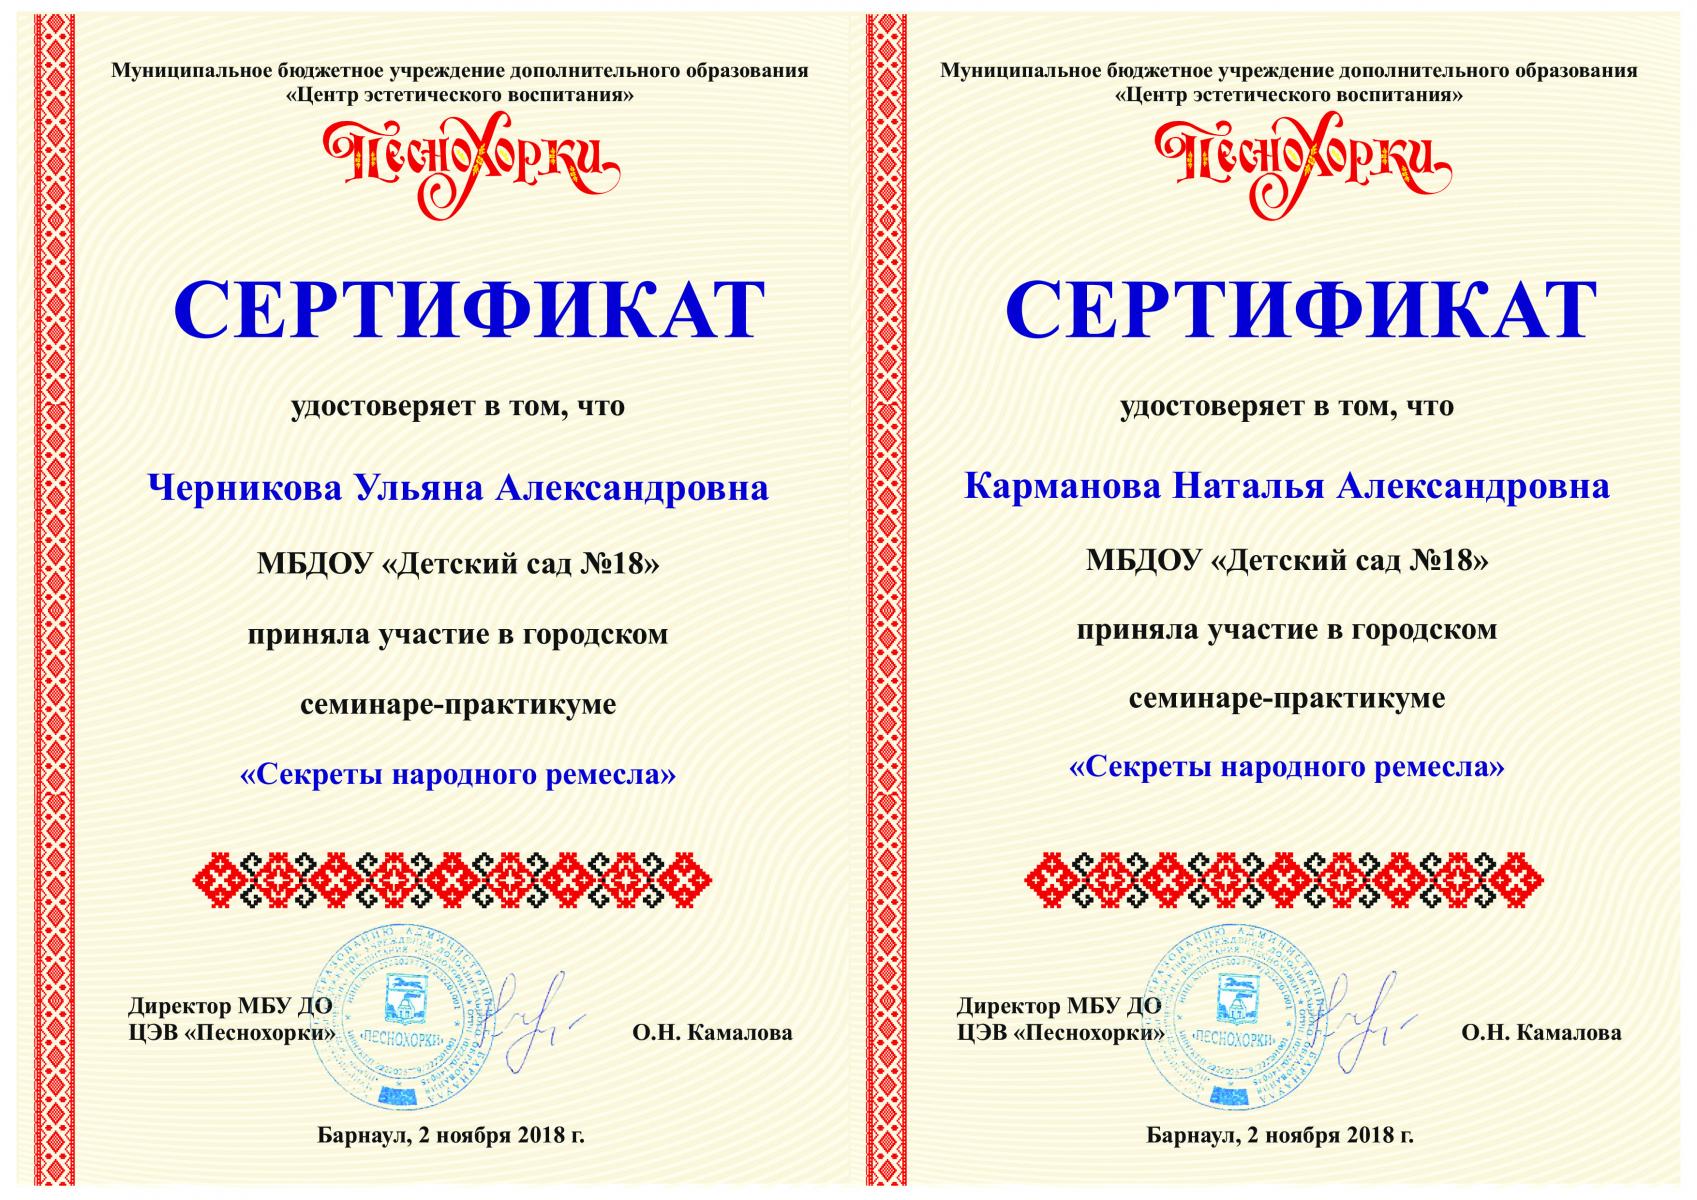 Песнохорки-сертификат-pdf.io_